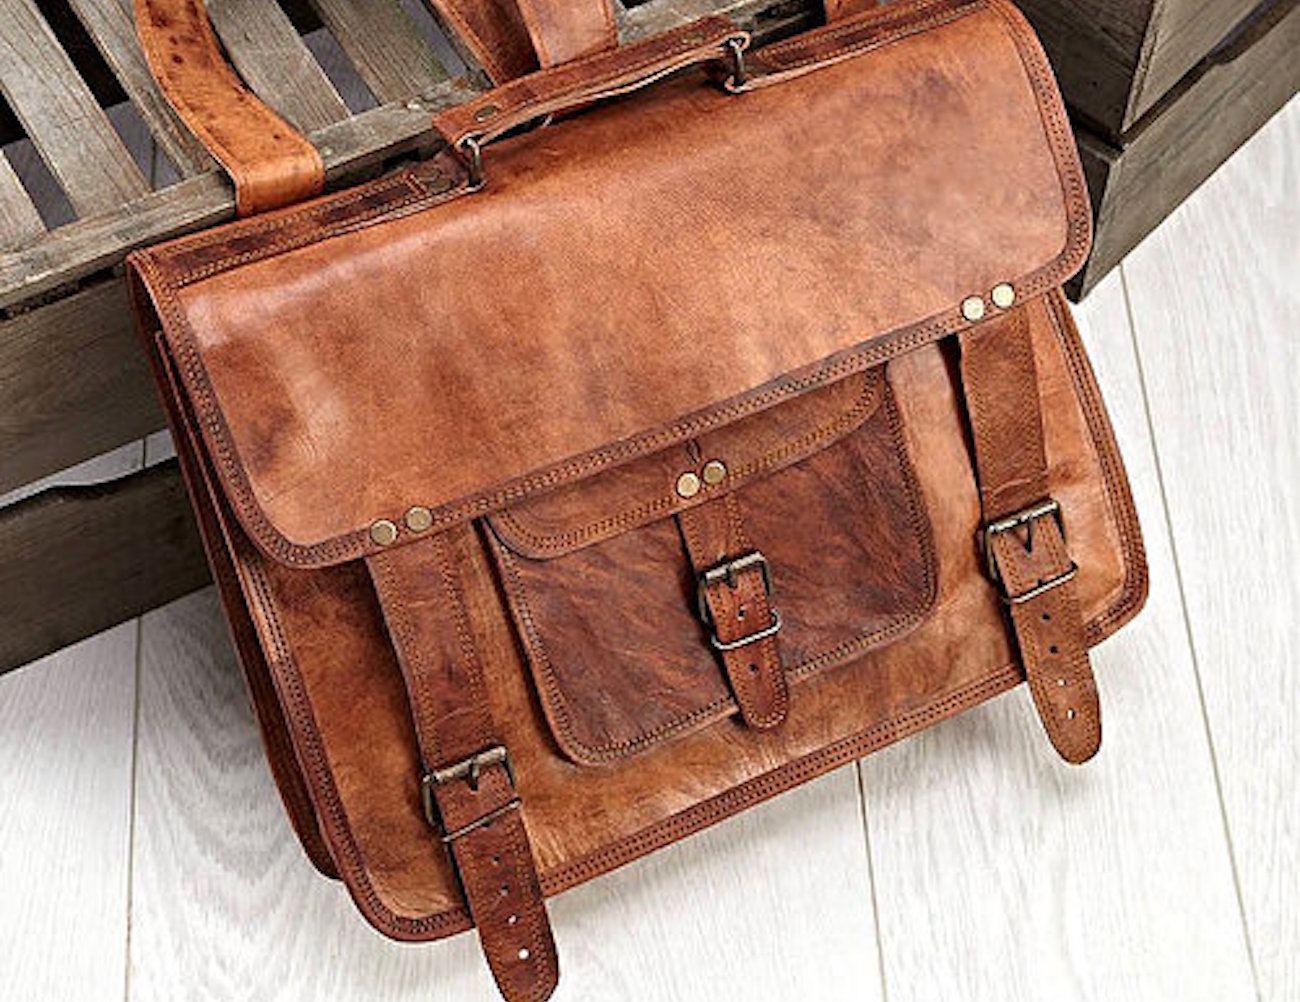 Vintage+Haversack+Goat+Leather+Bag